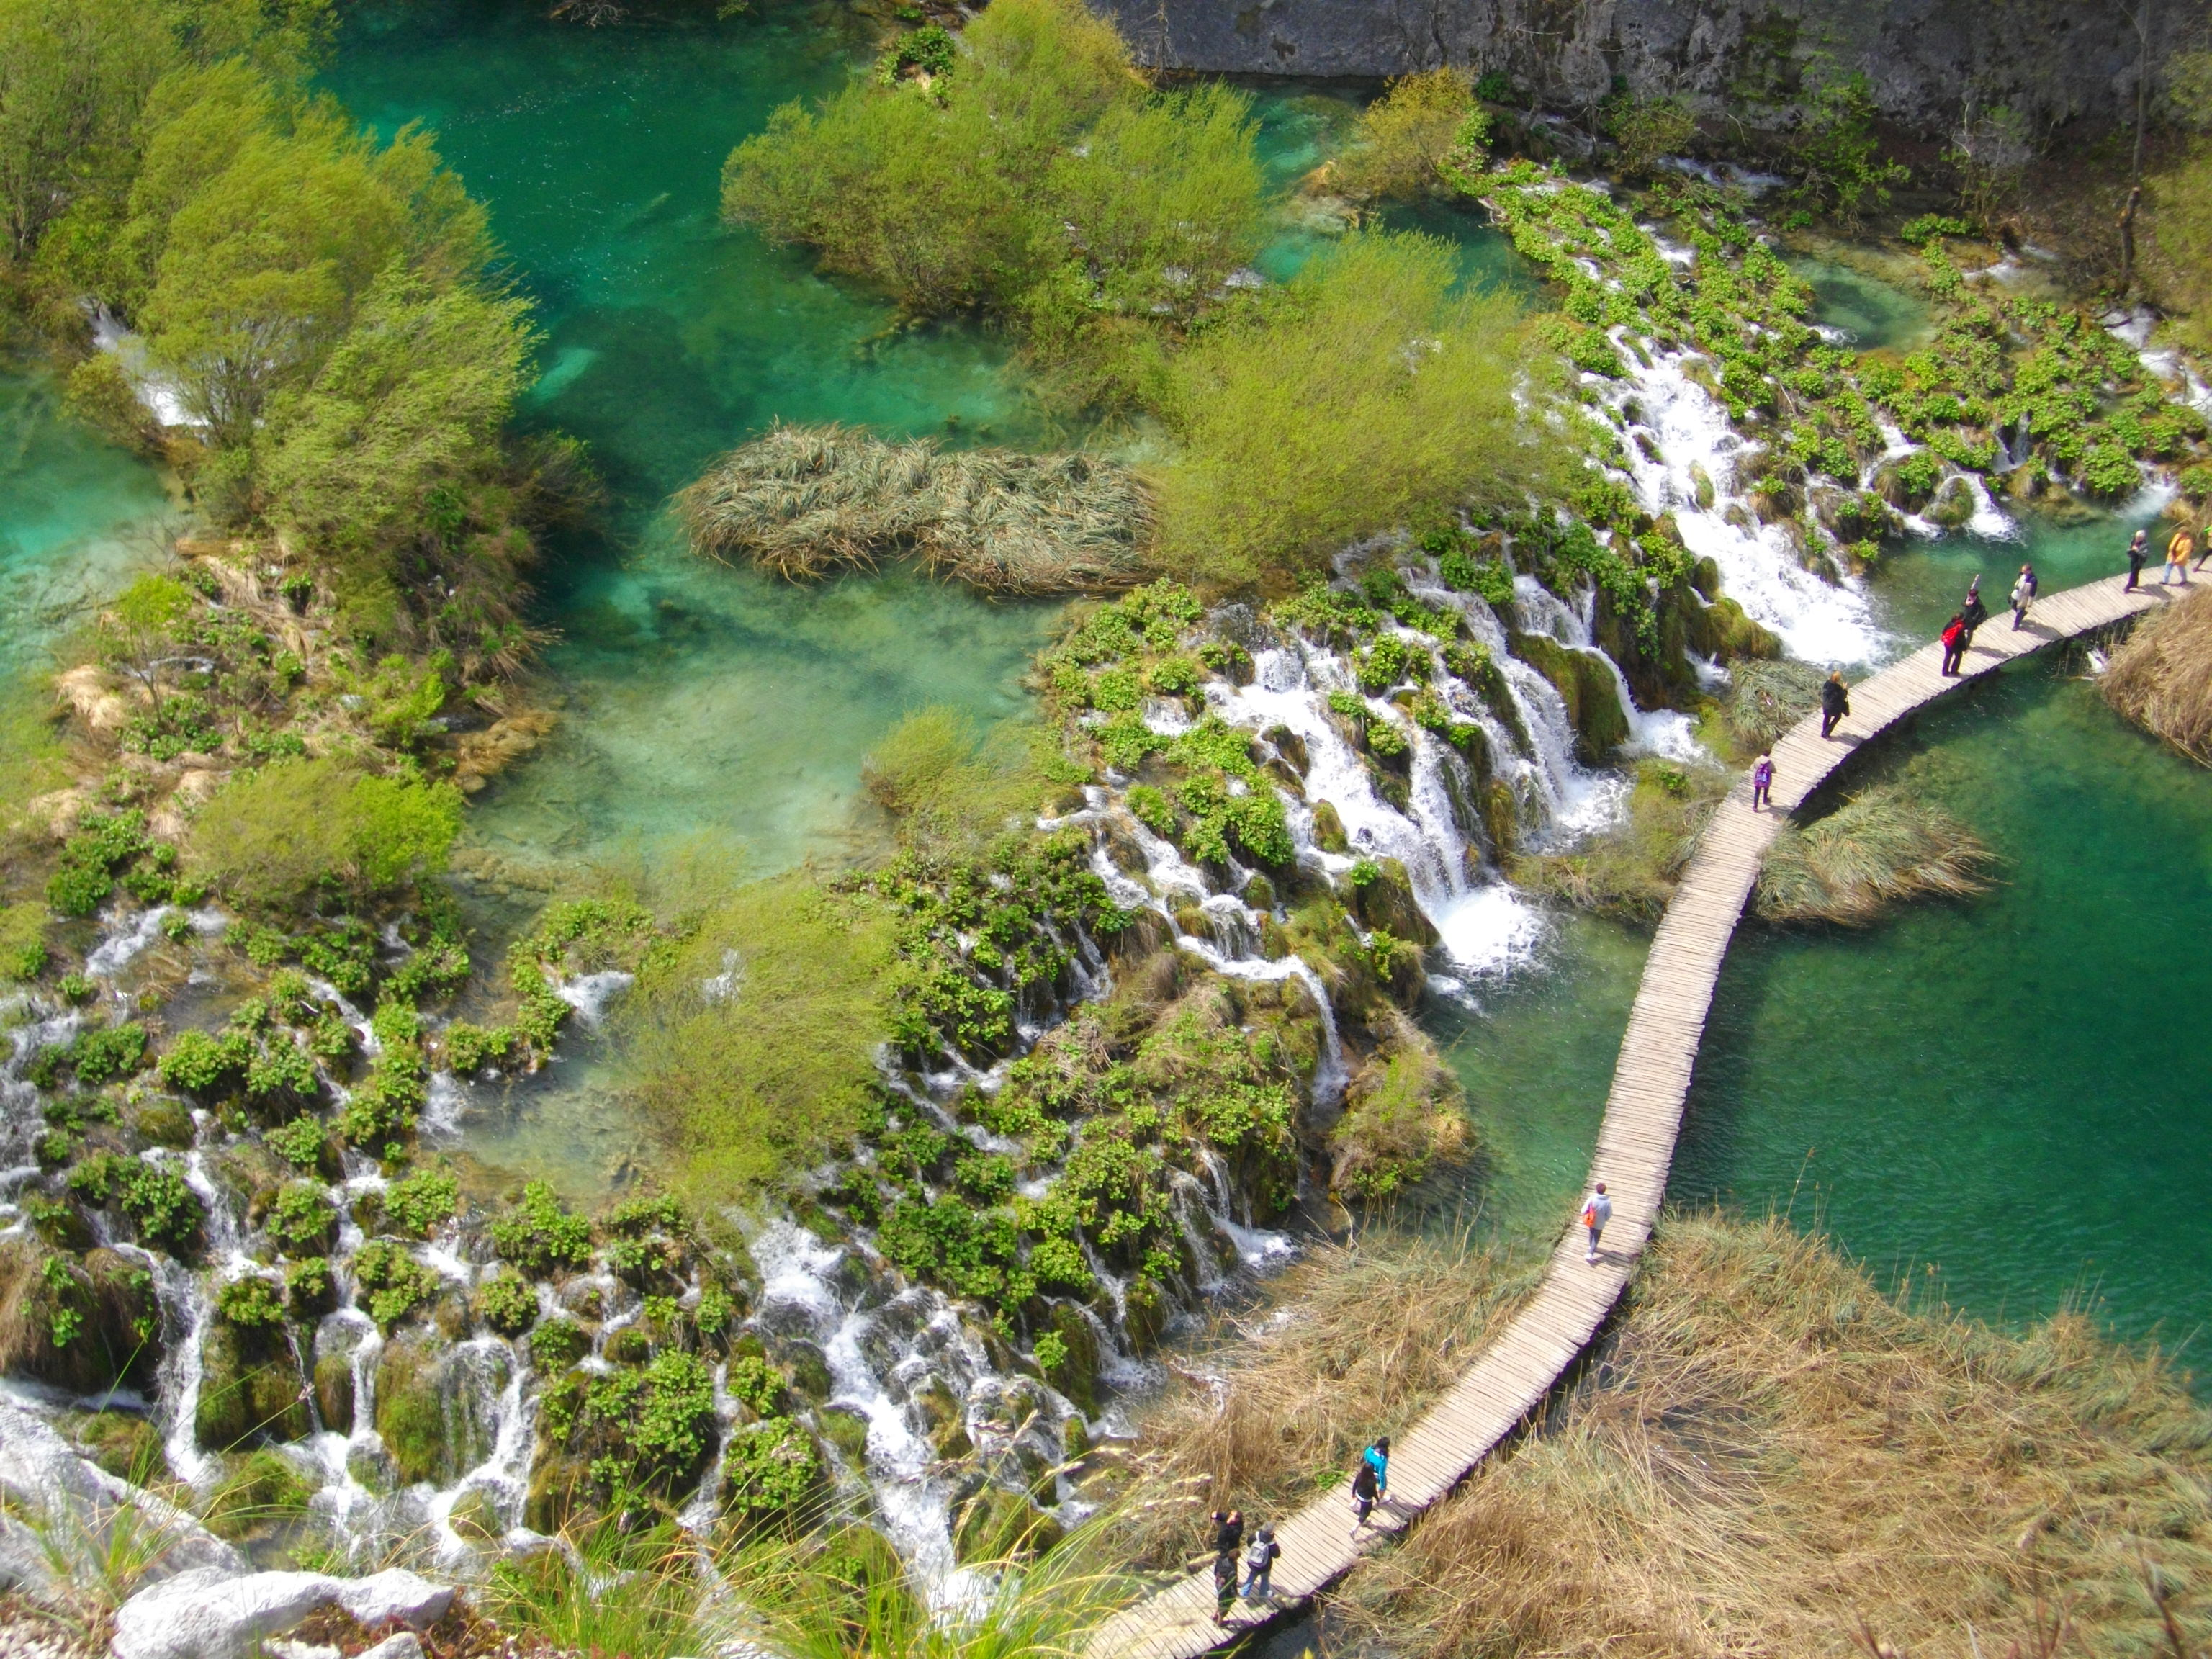 Auf der Welterbeliste der UNESCO: Der Nationalpark um die Plitwitzer Seen im kroatischen Binnenland,